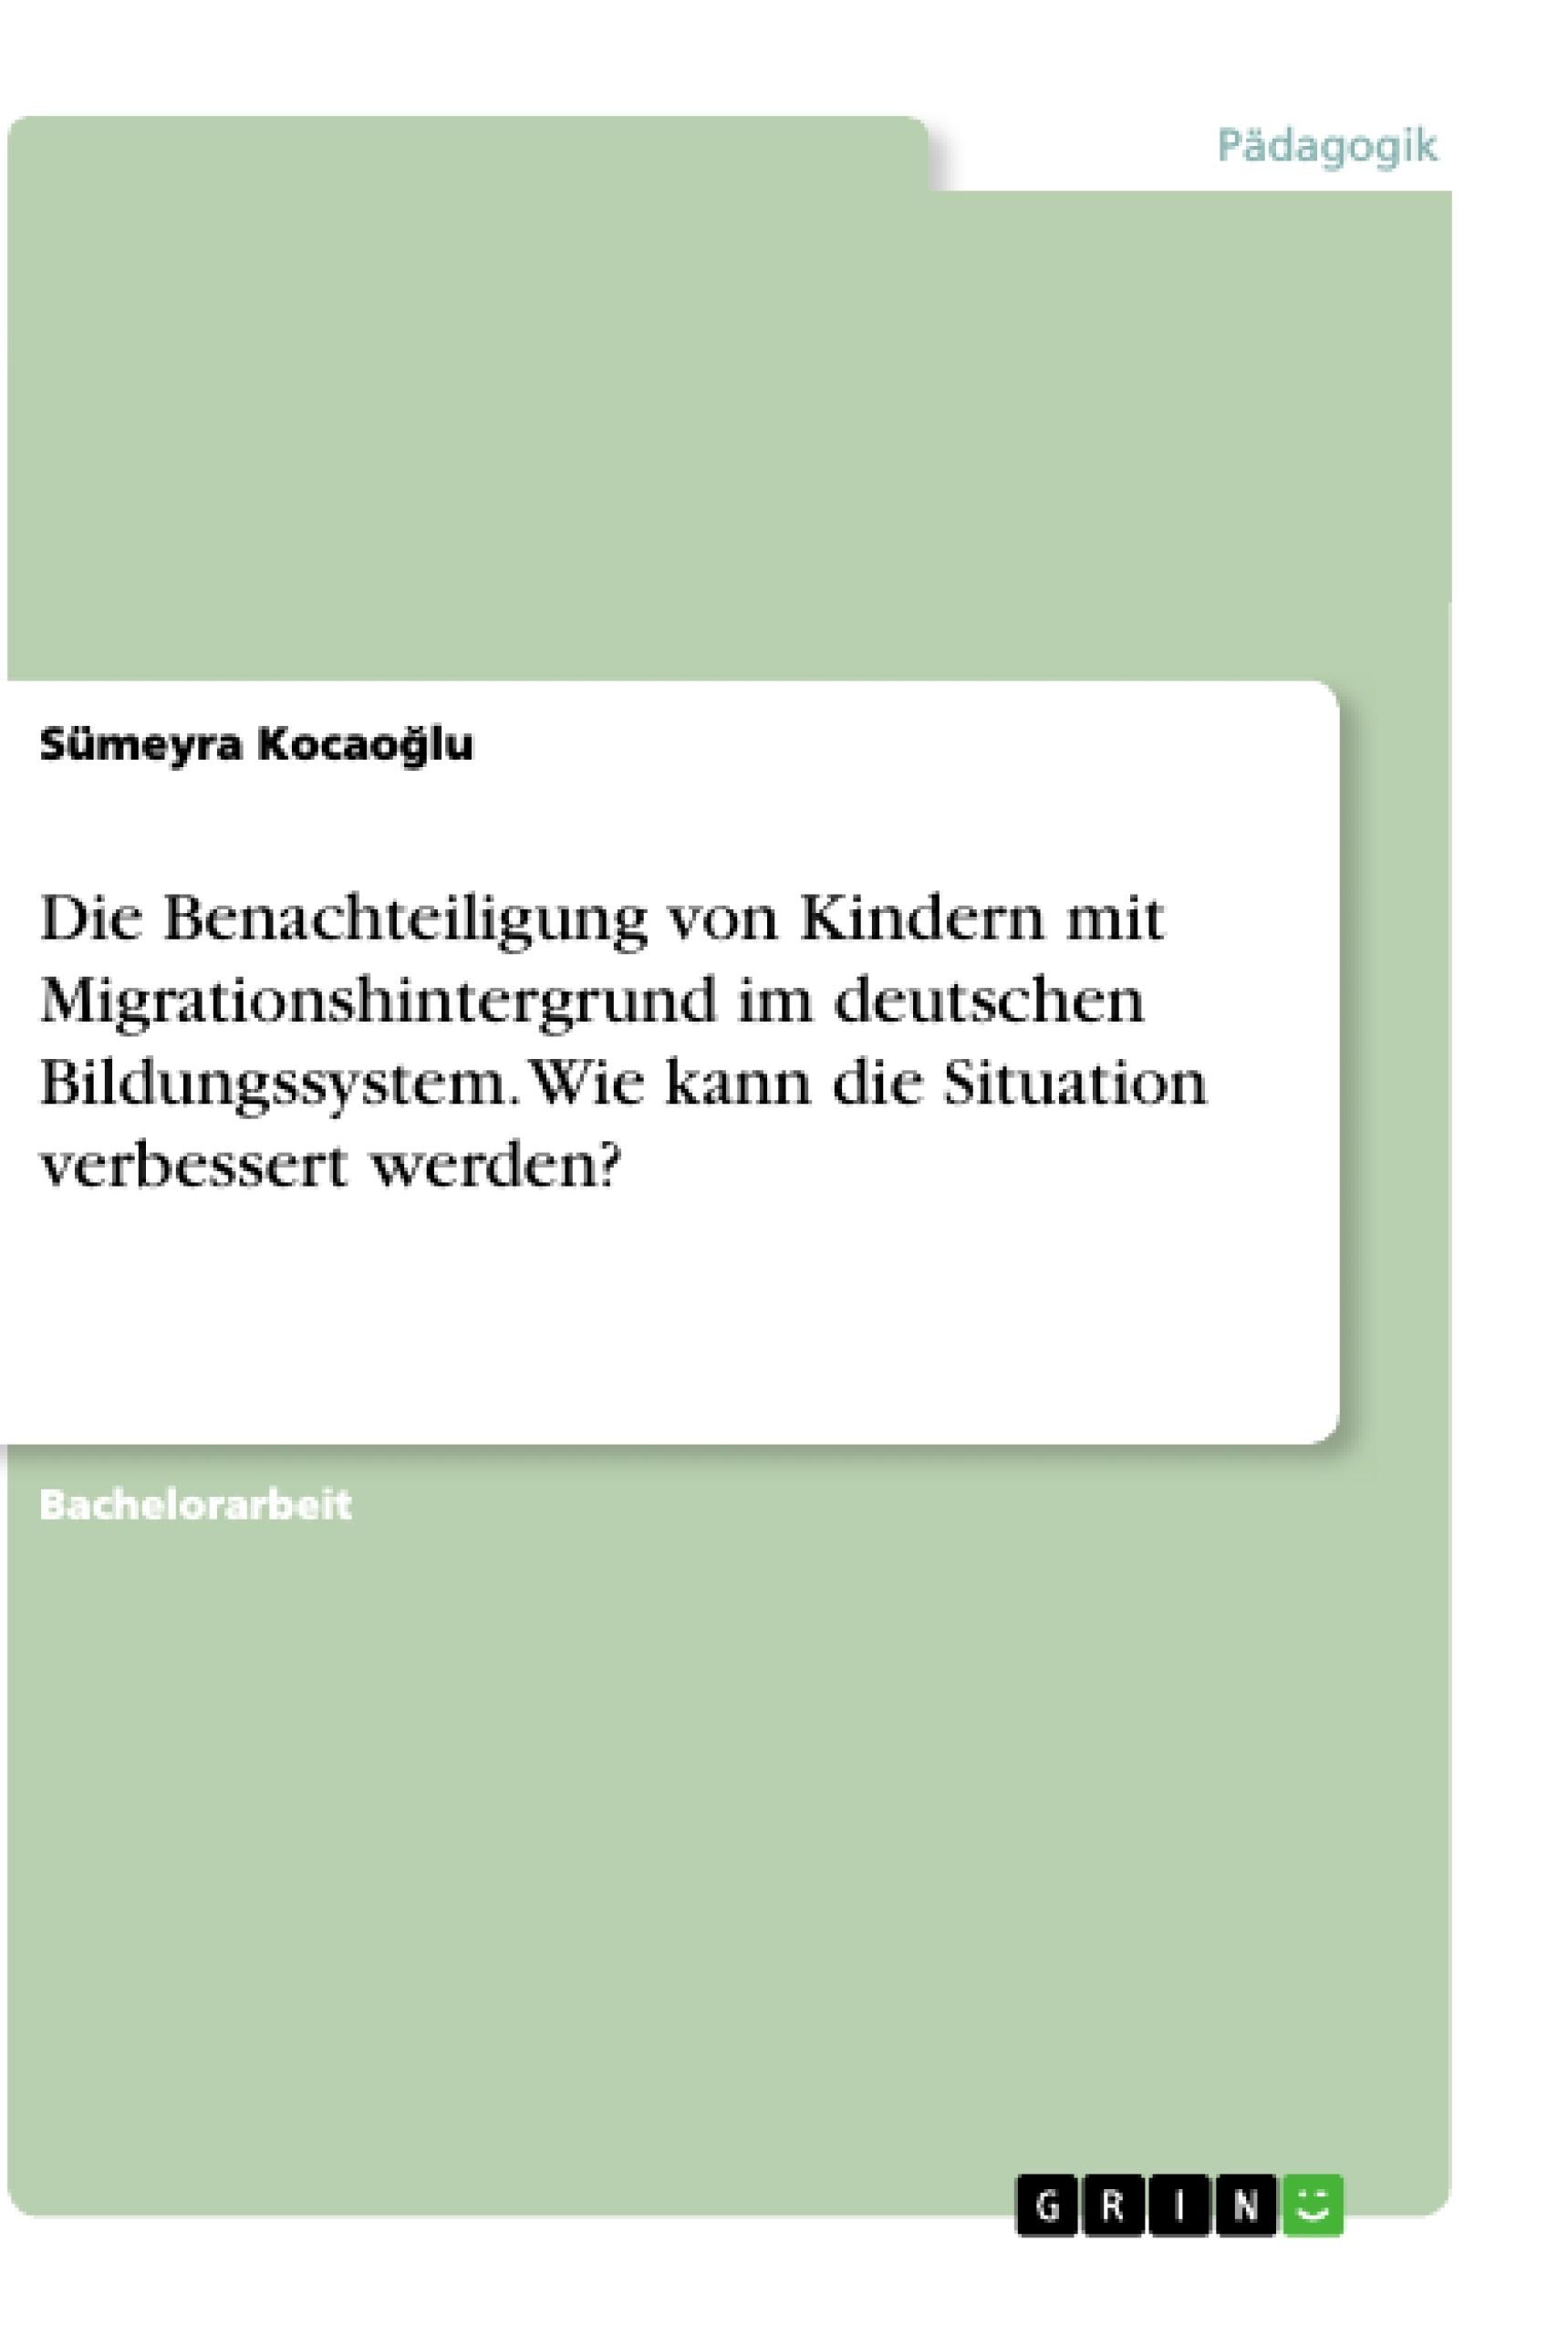 Titel: Die Benachteiligung von Kindern mit Migrationshintergrund im deutschen Bildungssystem. Wie kann die Situation verbessert werden?